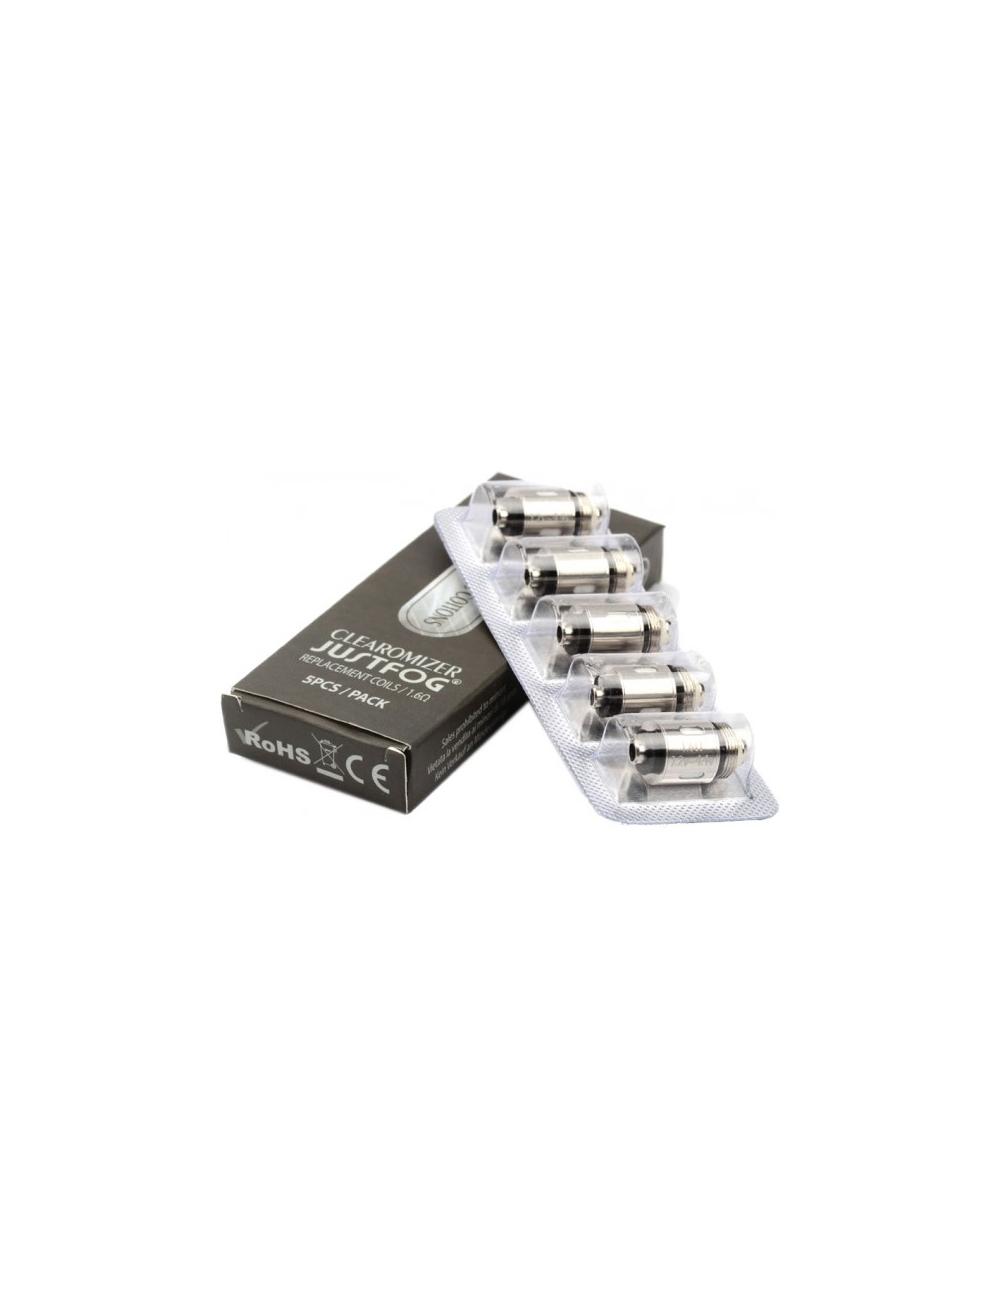 Résistance Q16 Pro 1,6 ohms